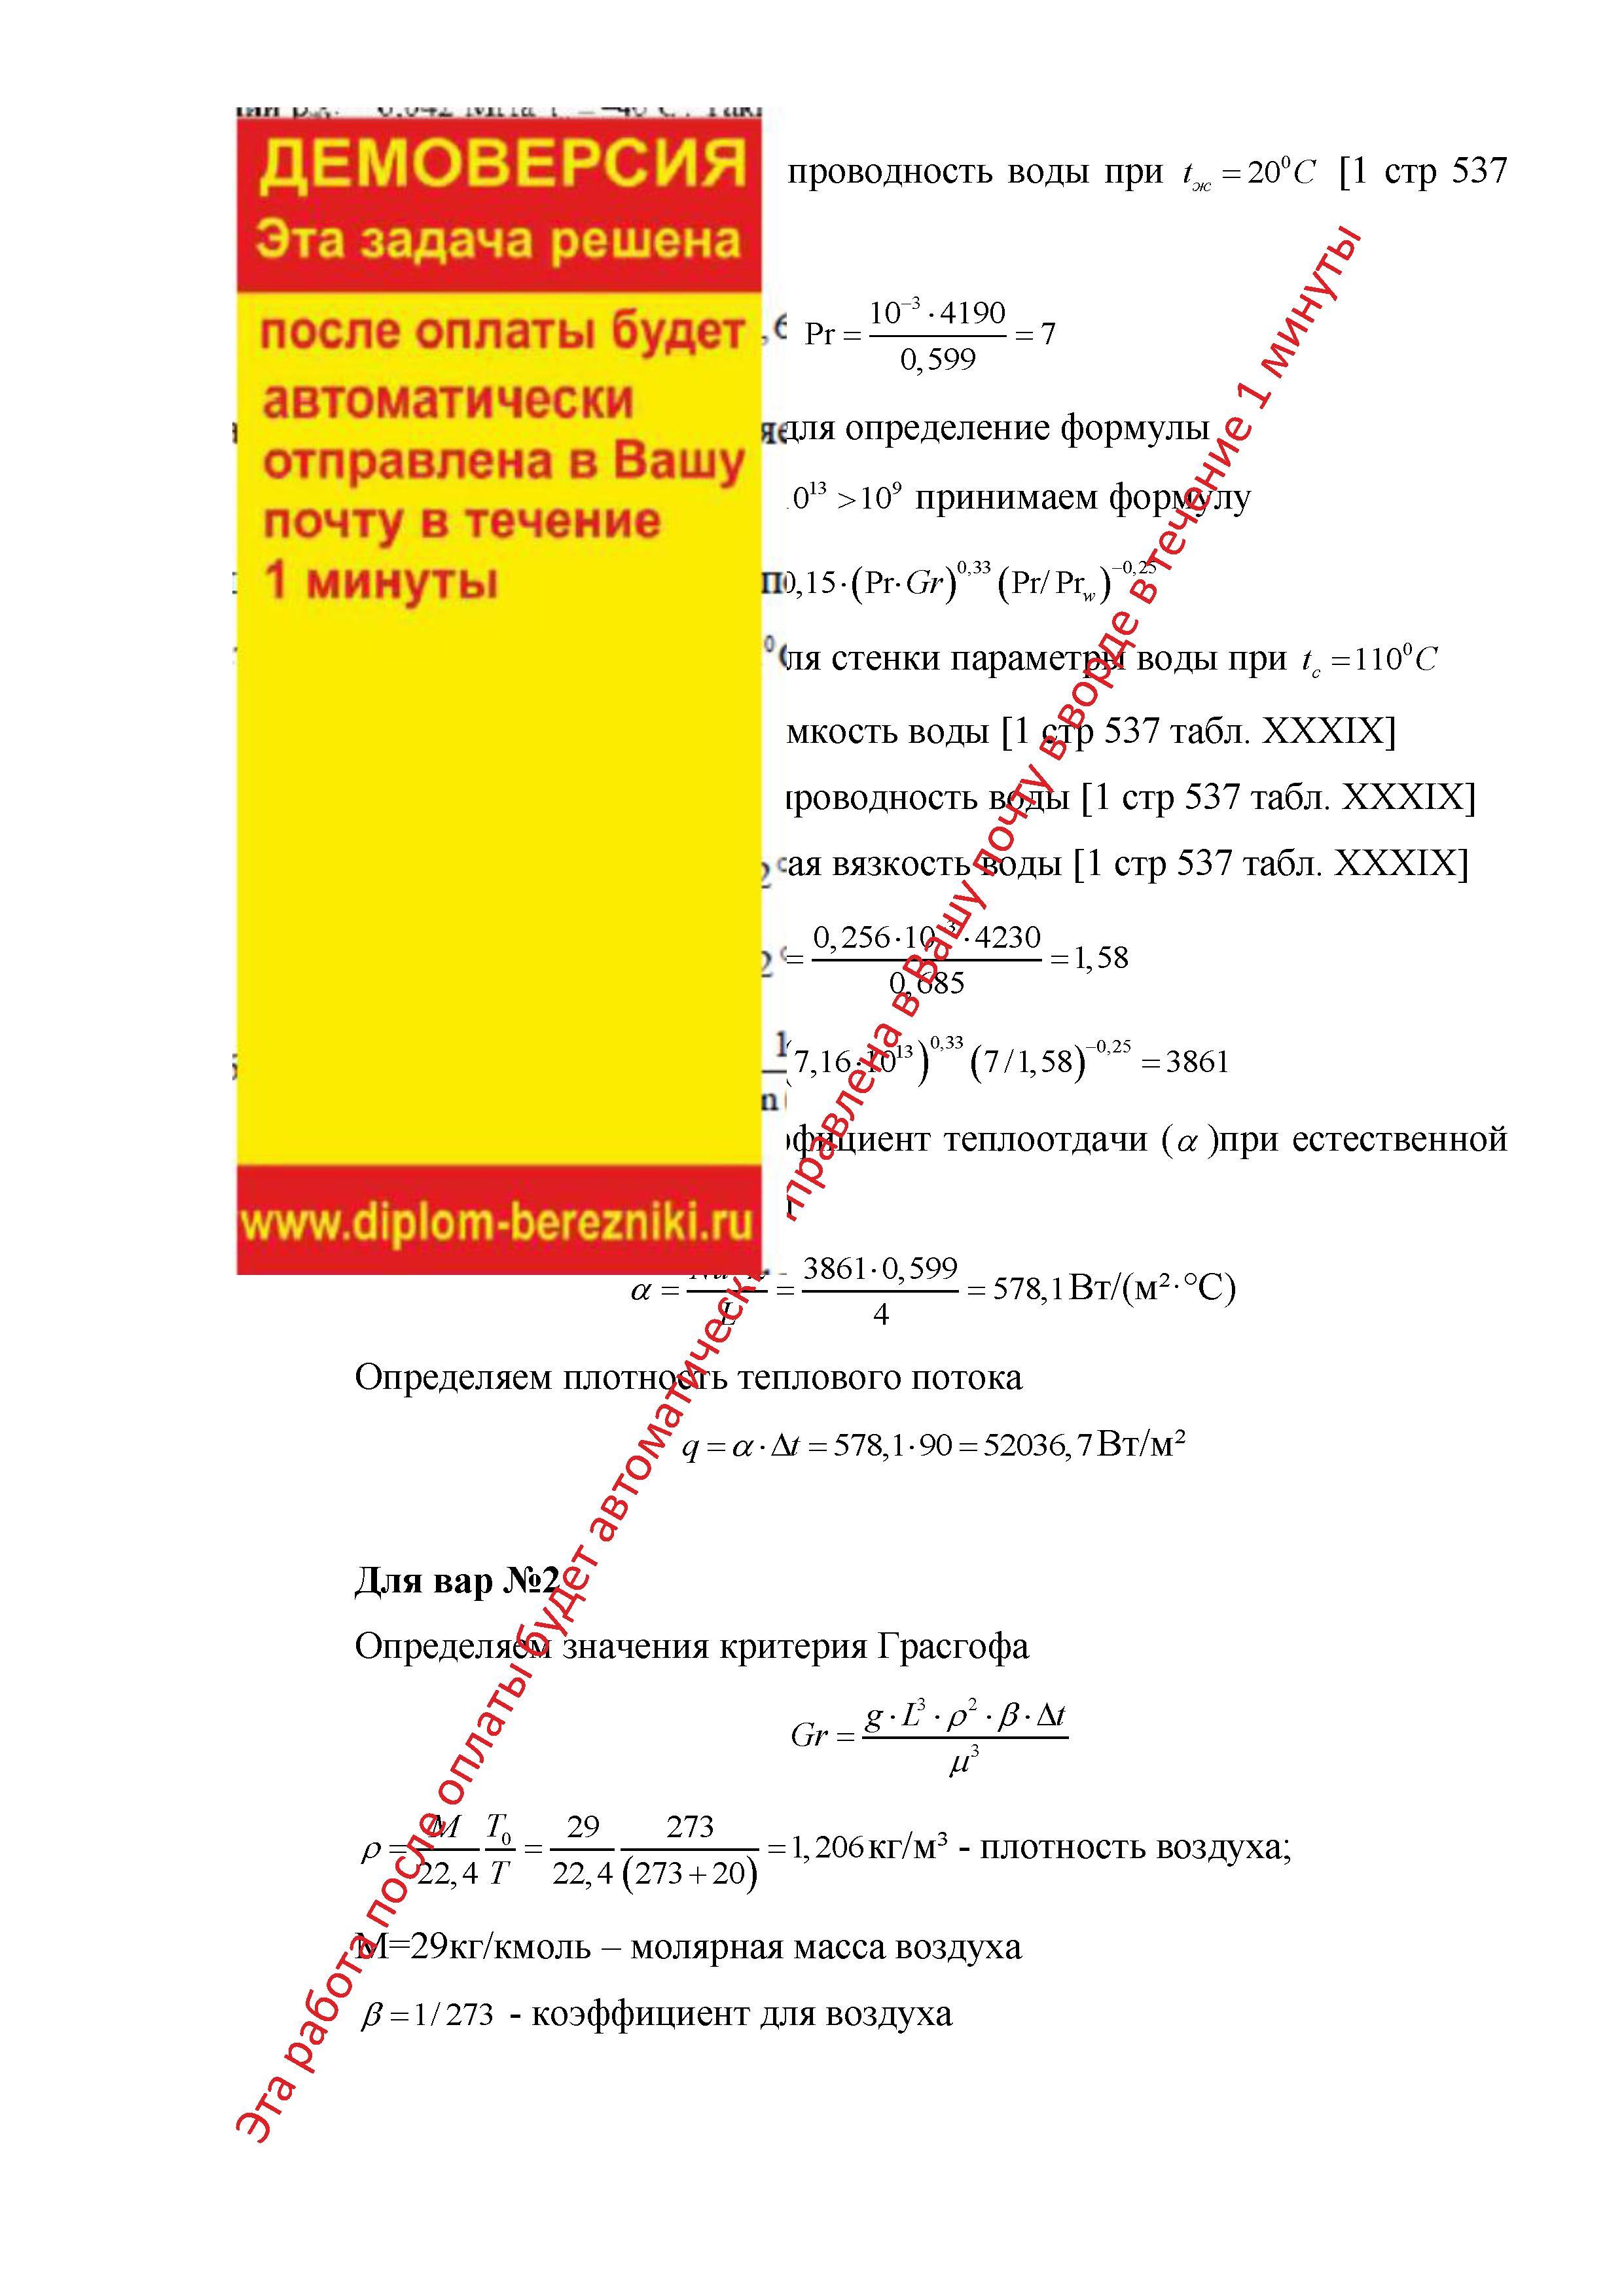 Определить средний коэффициент теплоотдачи   и плотность теплового потока q Вт при естественной конвекции от вертикальной плиты высотой 1 с температурой поверхности 100 к жидкости 20